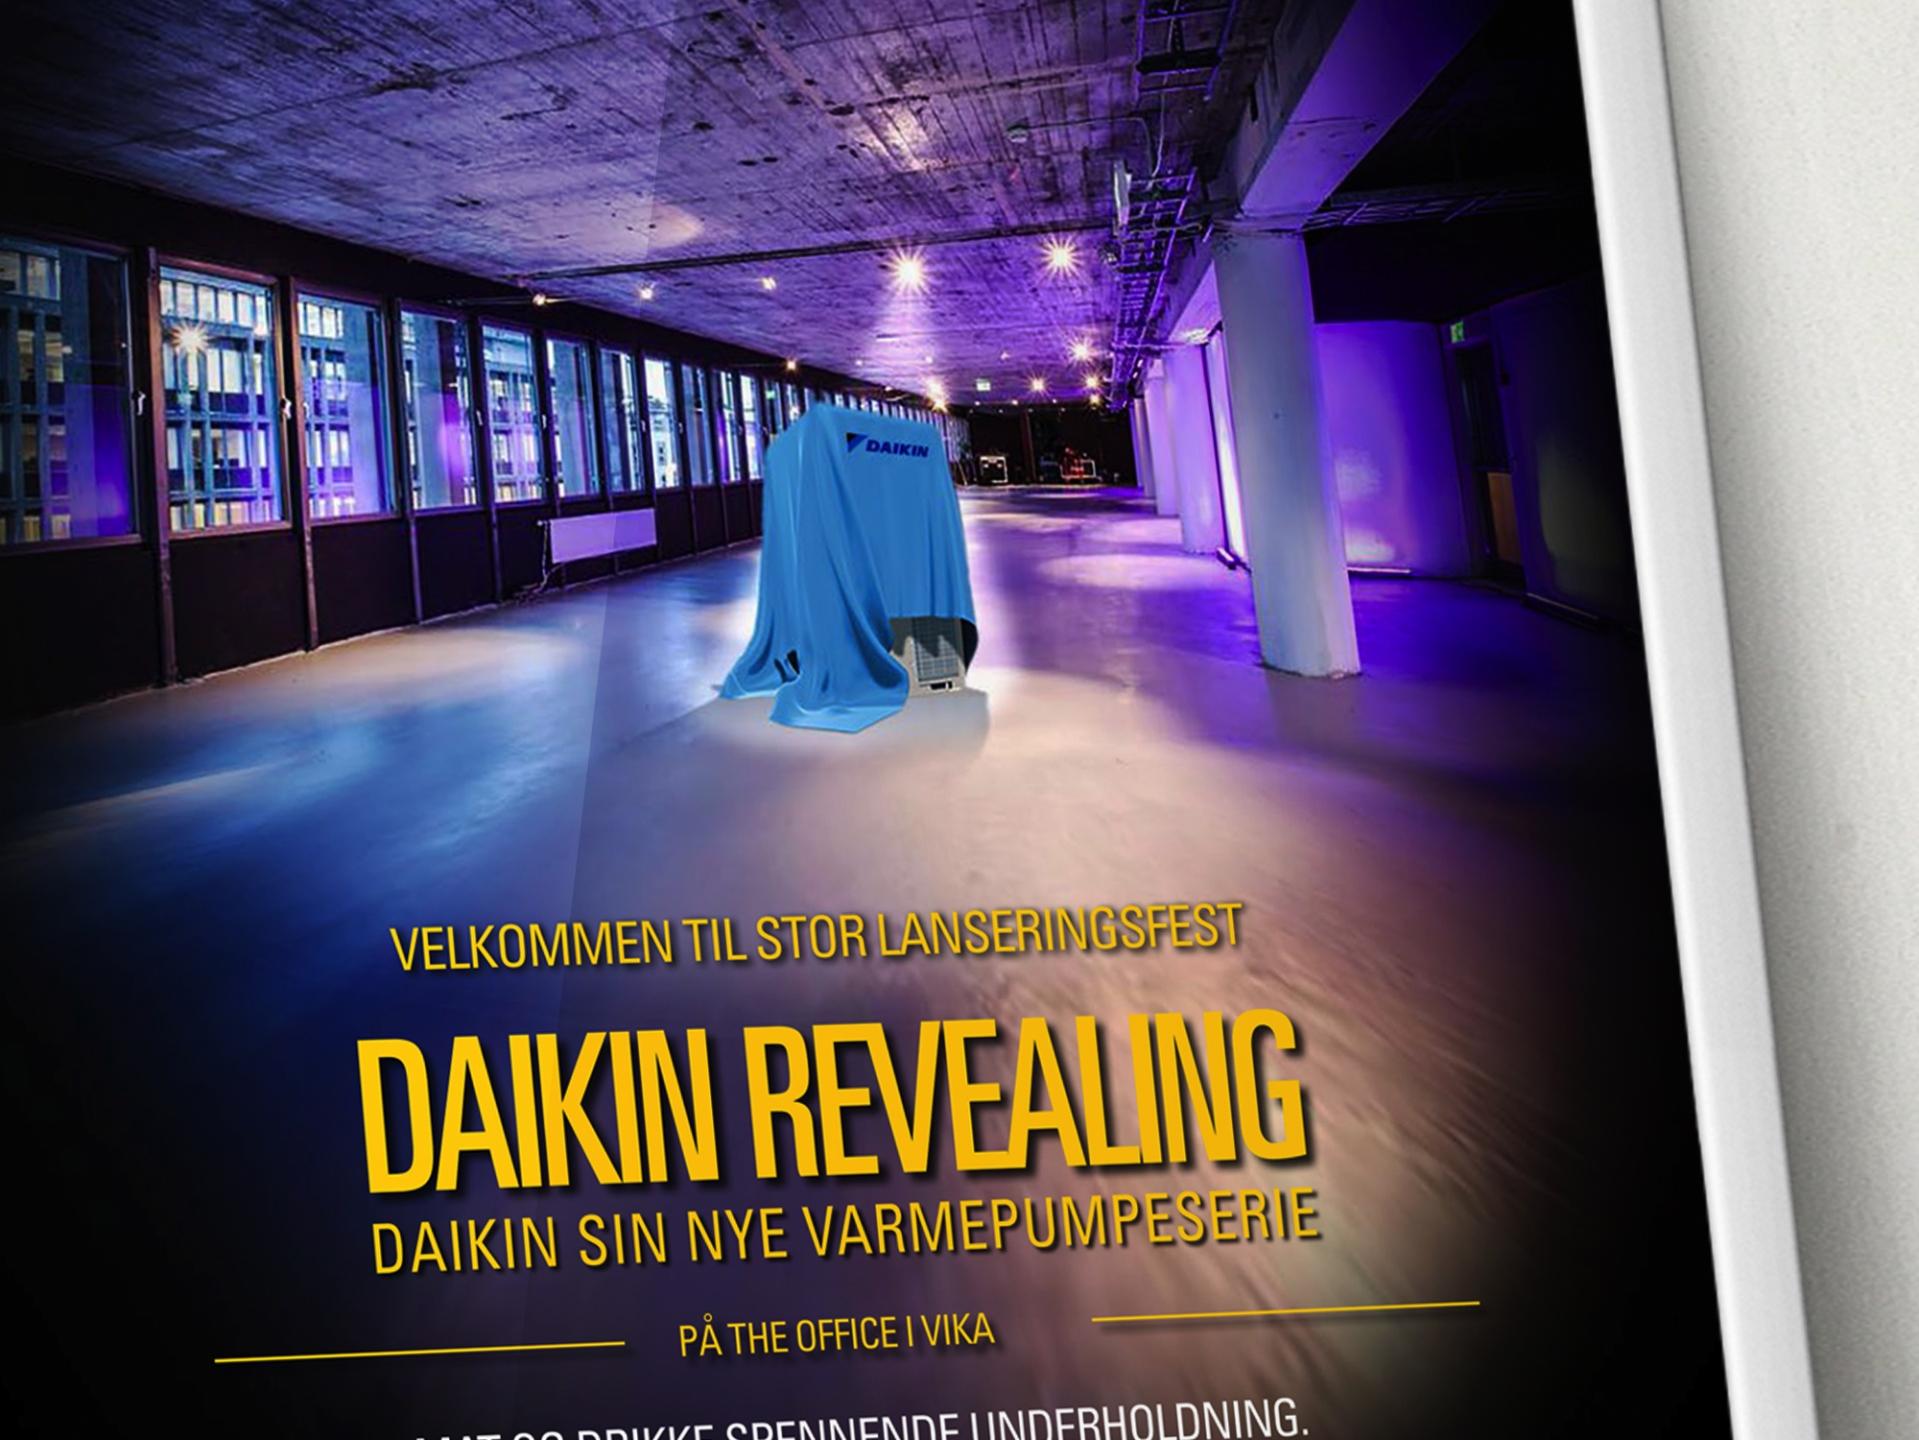 Daikin-img-002